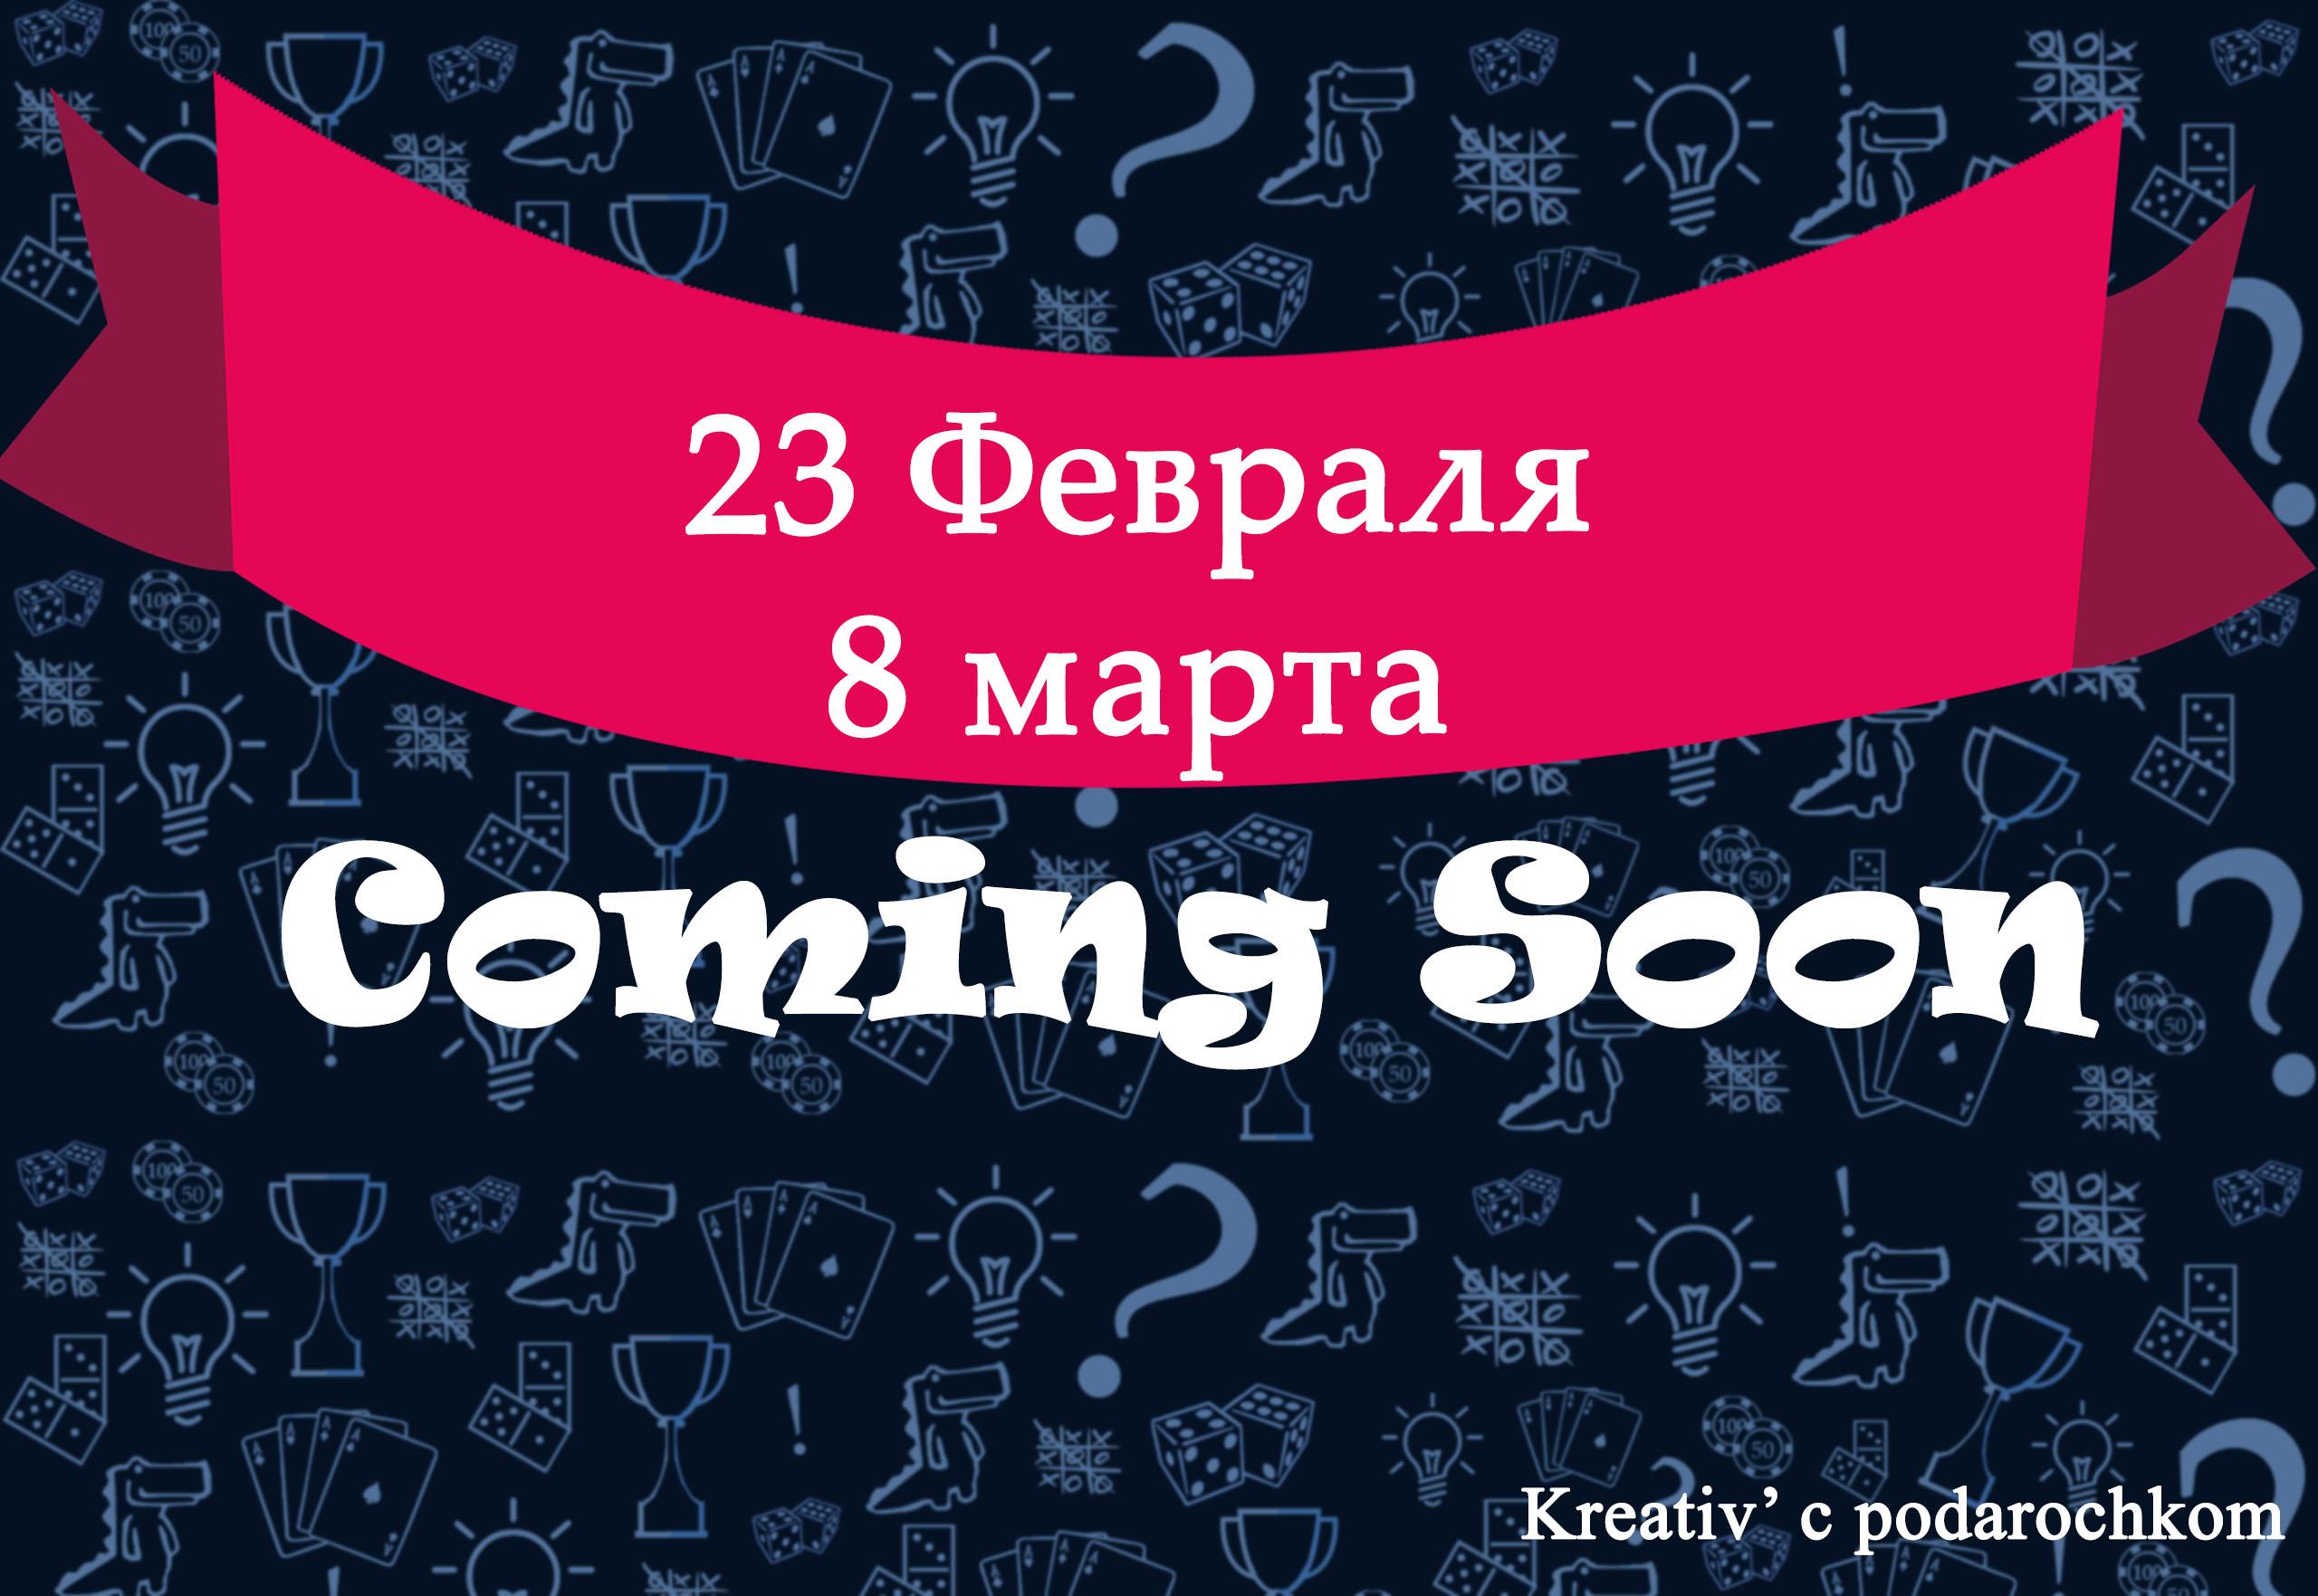 Настольные игры для него и для нее (rolethedice.ru Бросьте Кости)